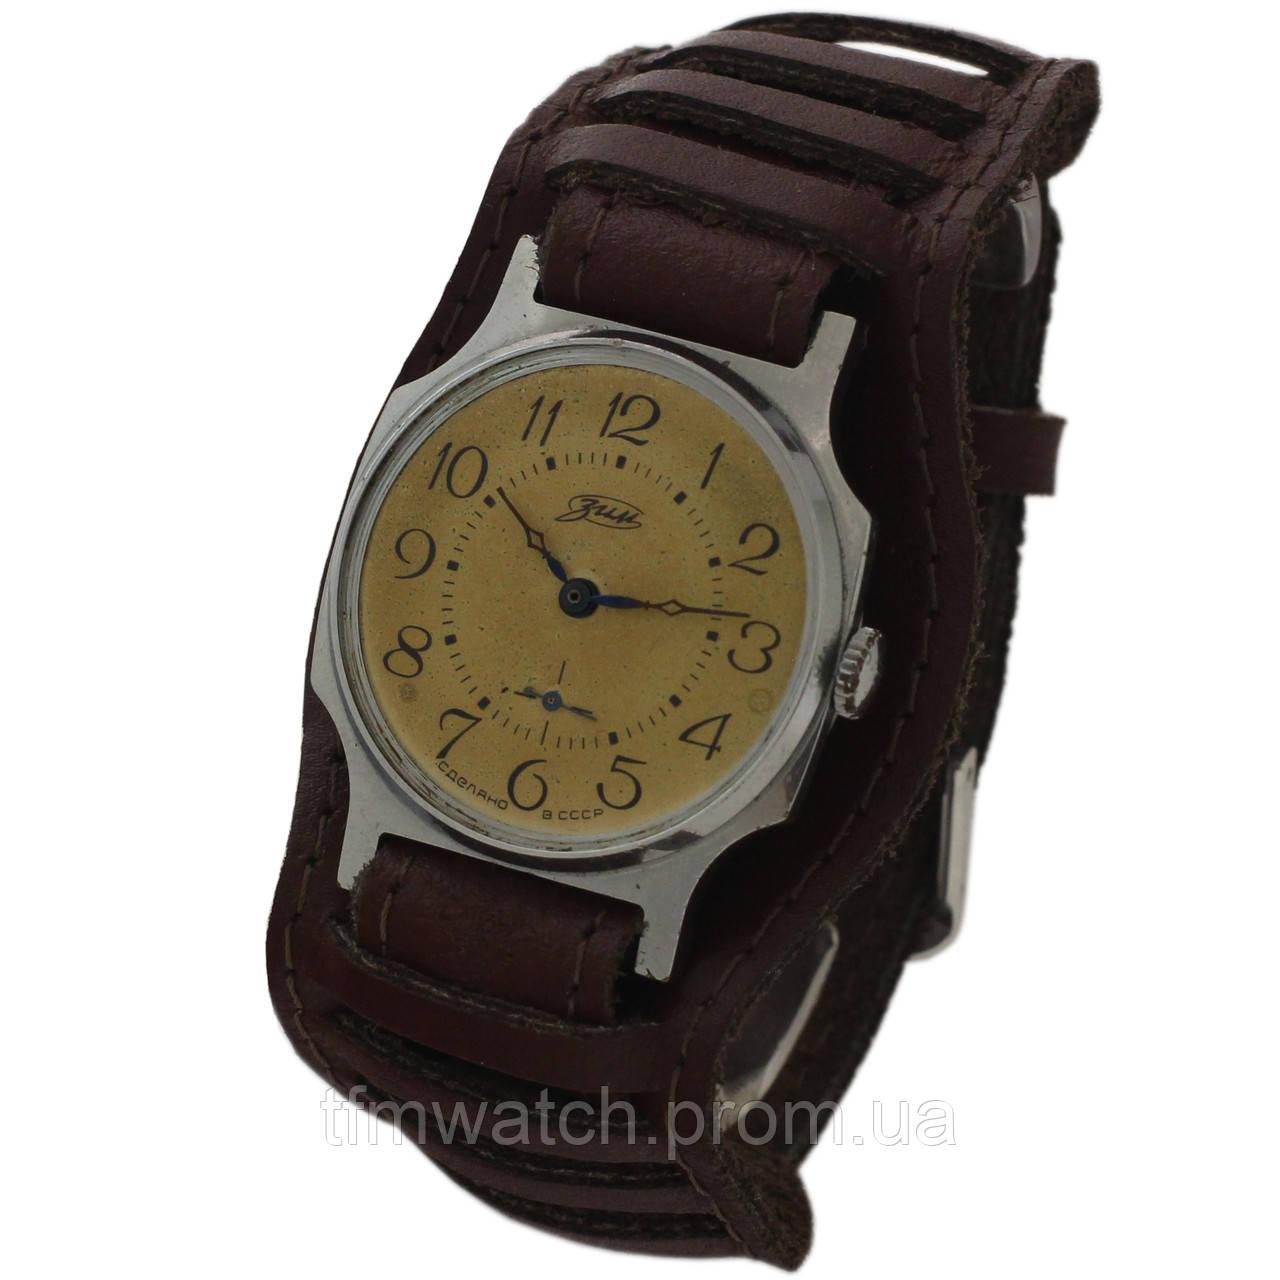 Ссср продать зим часы часы продать патек филлип